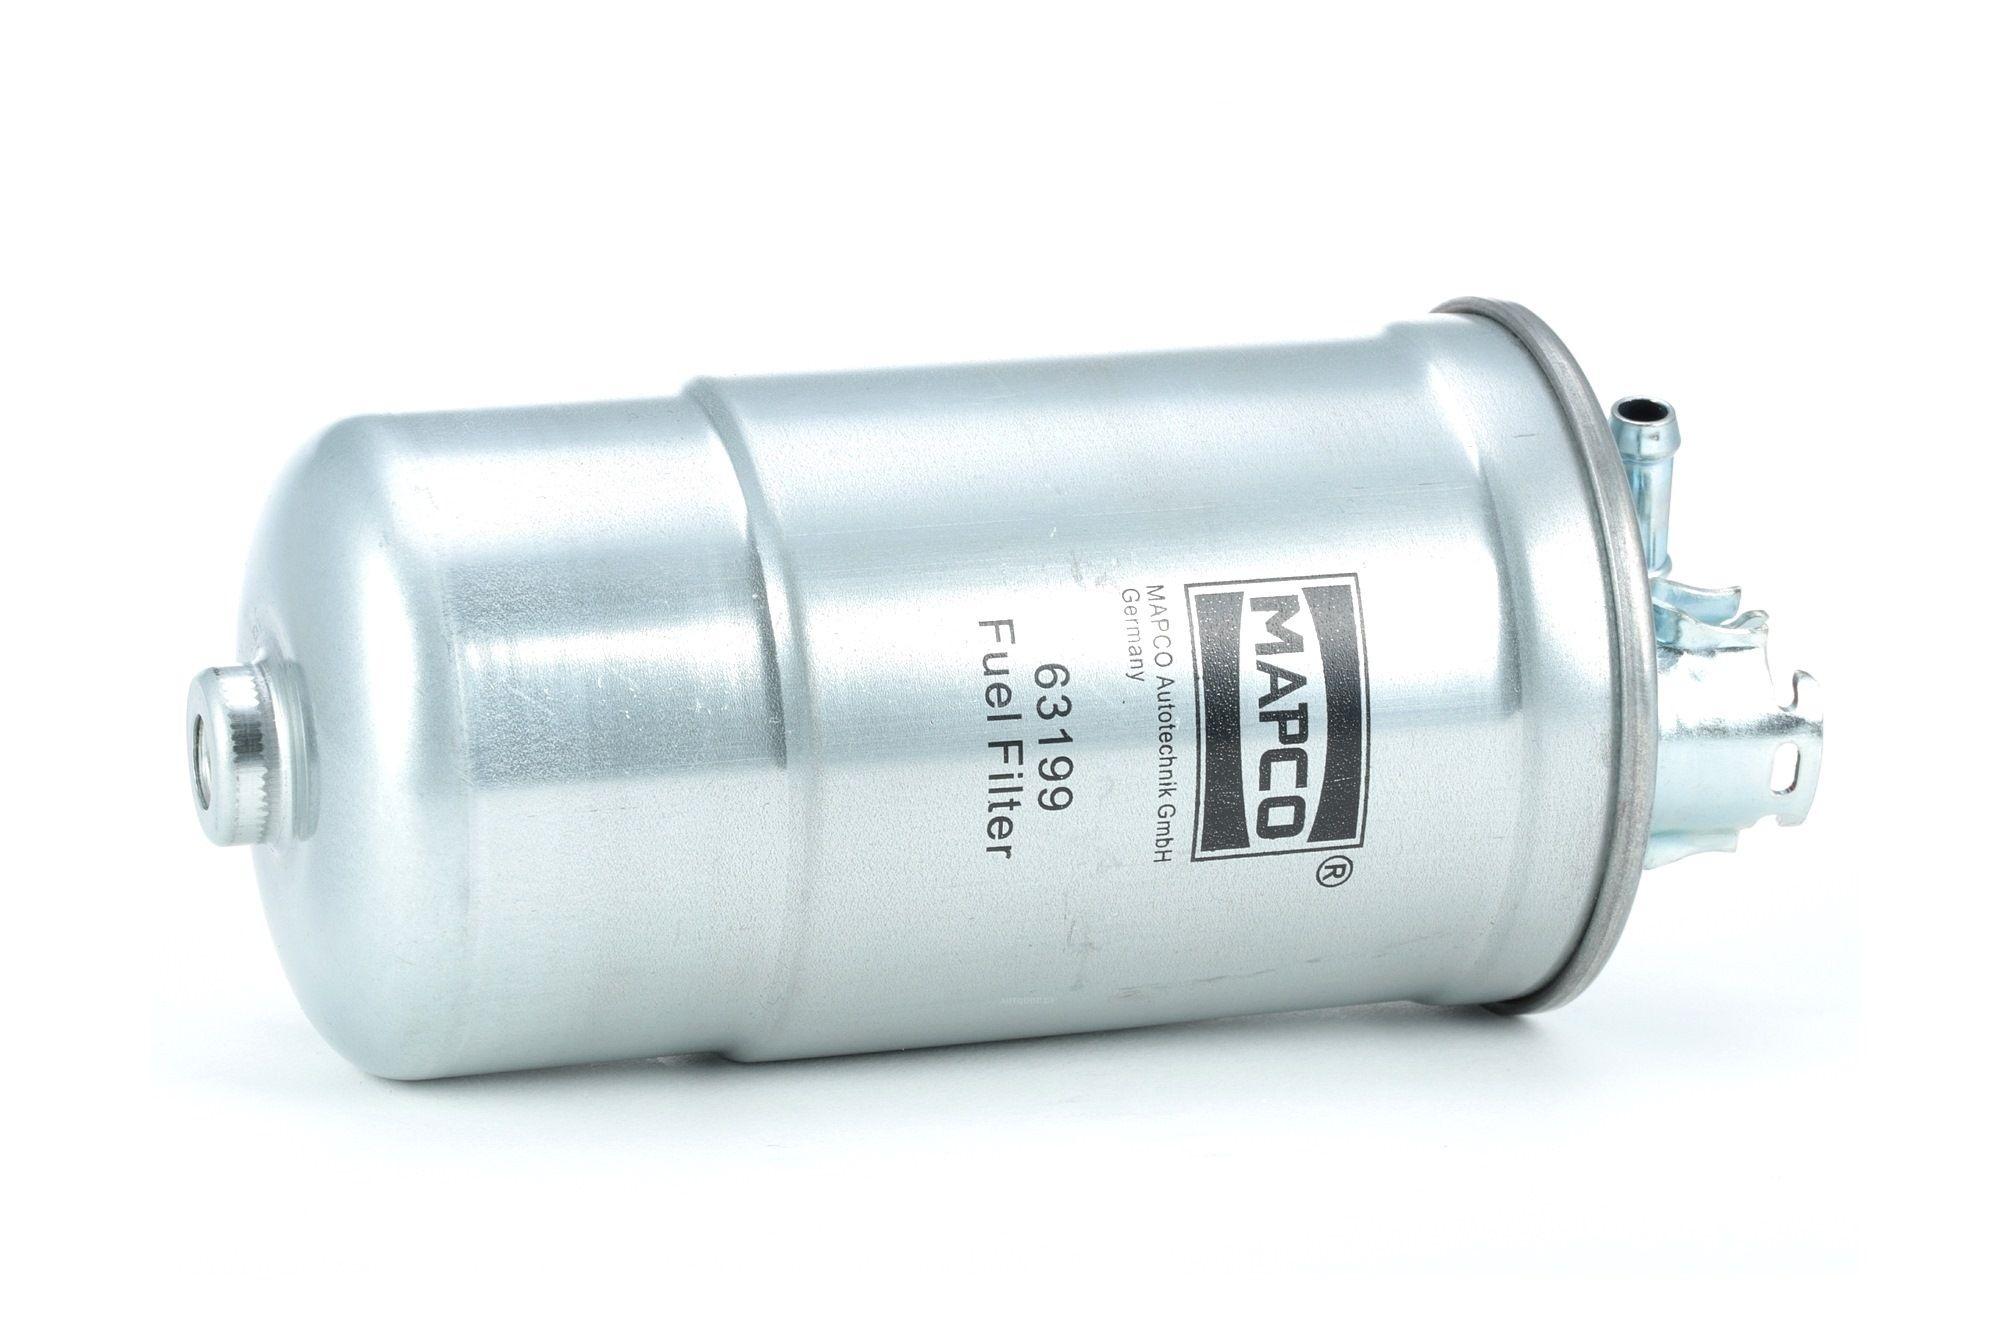 Osta 63199 MAPCO Ühendusfilter, Diisel Kõrgus: 176,5mm Kütusefilter 63199 madala hinnaga